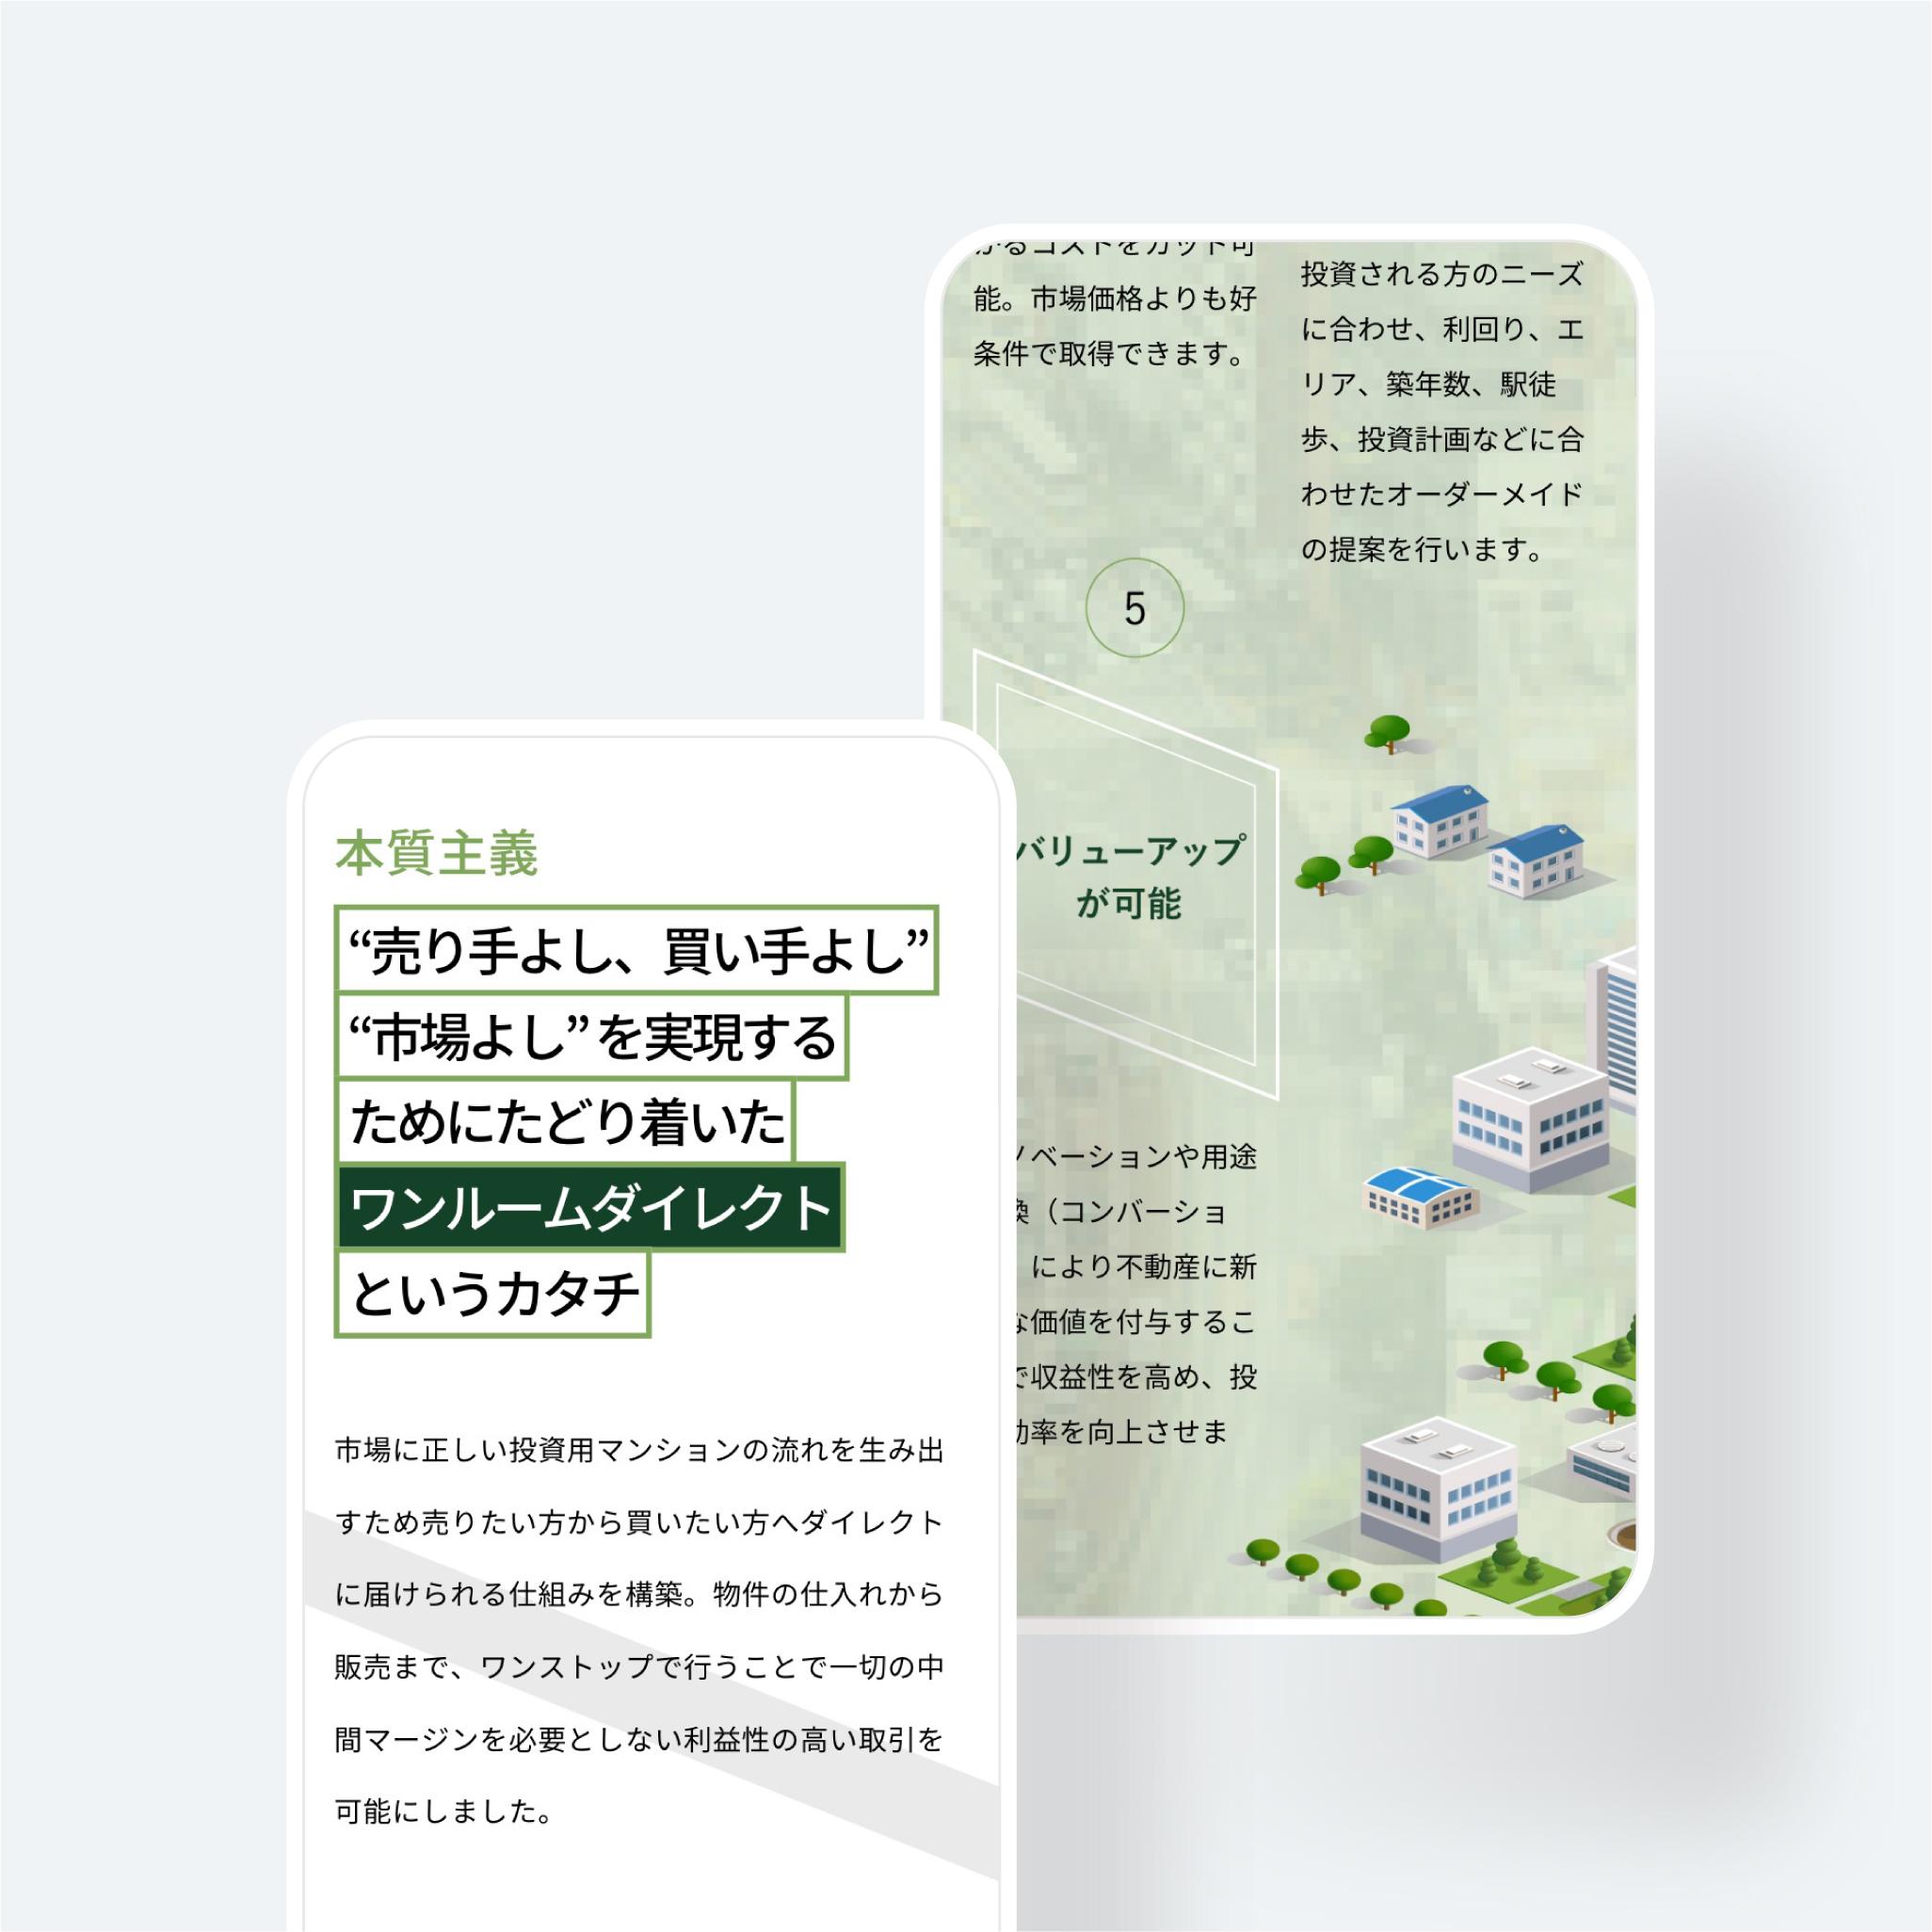 不動産 WEBサイト| 株式会社セルゲートジャパン